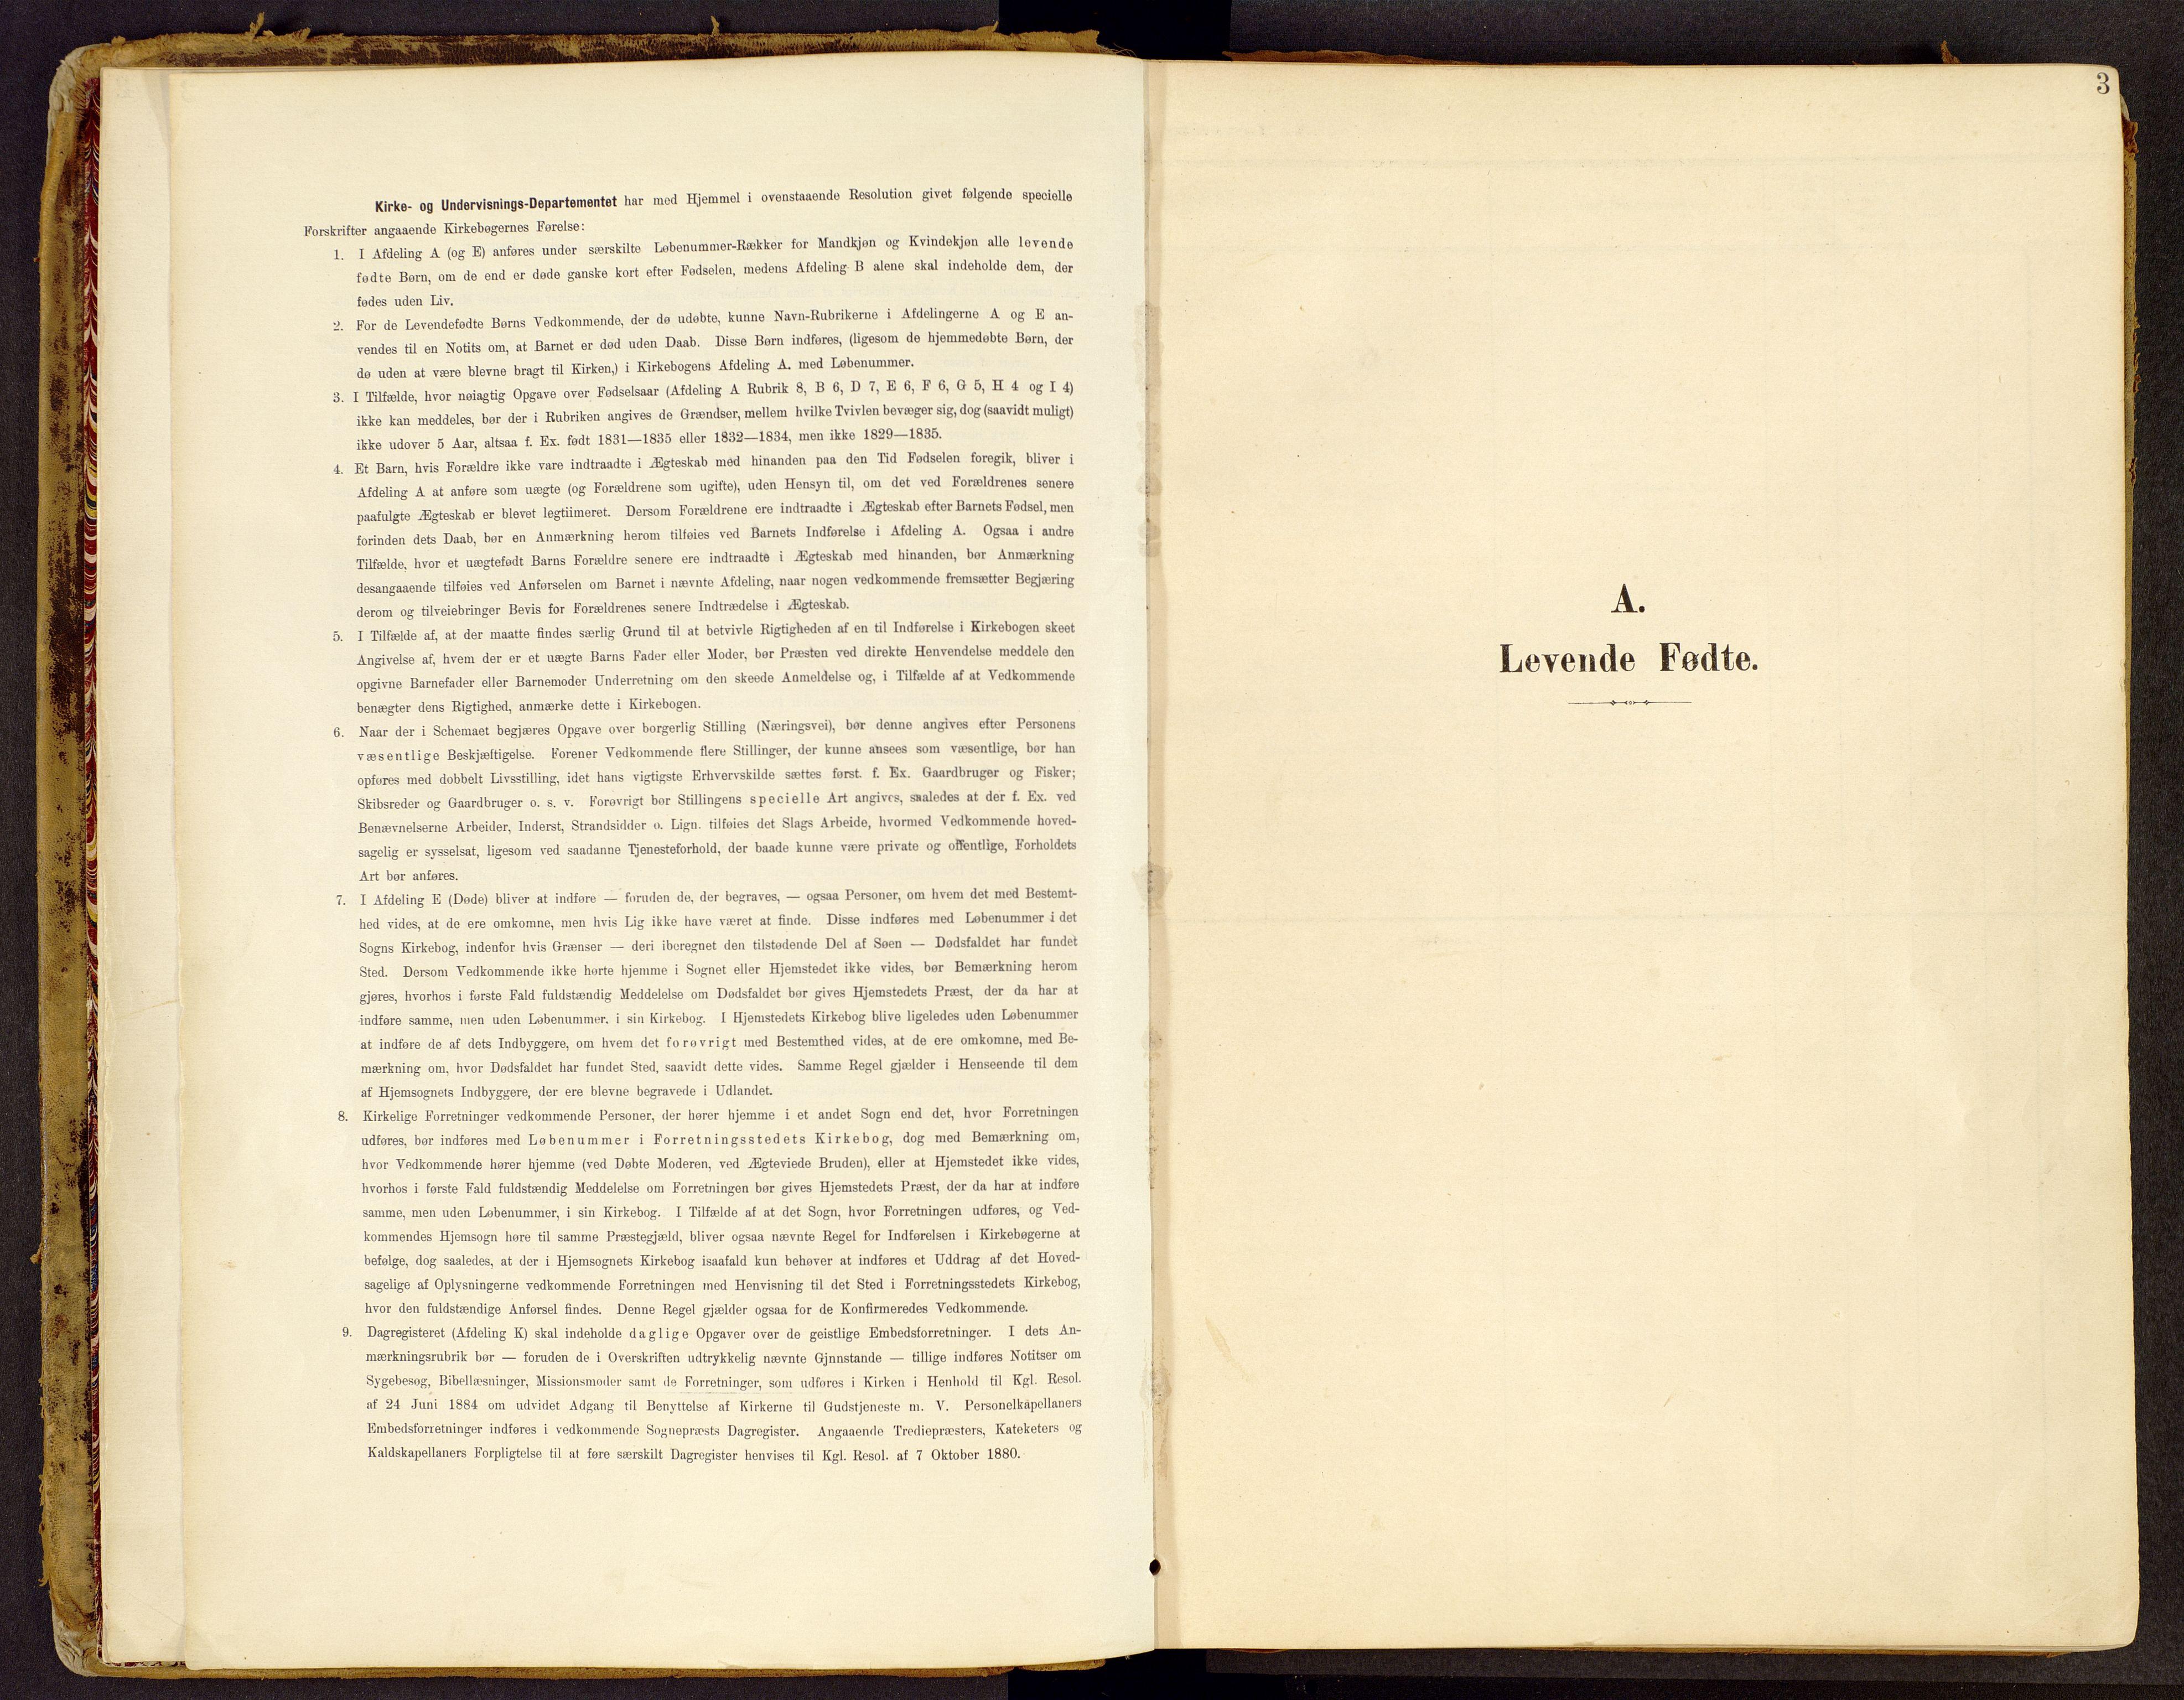 SAH, Brandbu prestekontor, Ministerialbok nr. 2, 1899-1914, s. 3